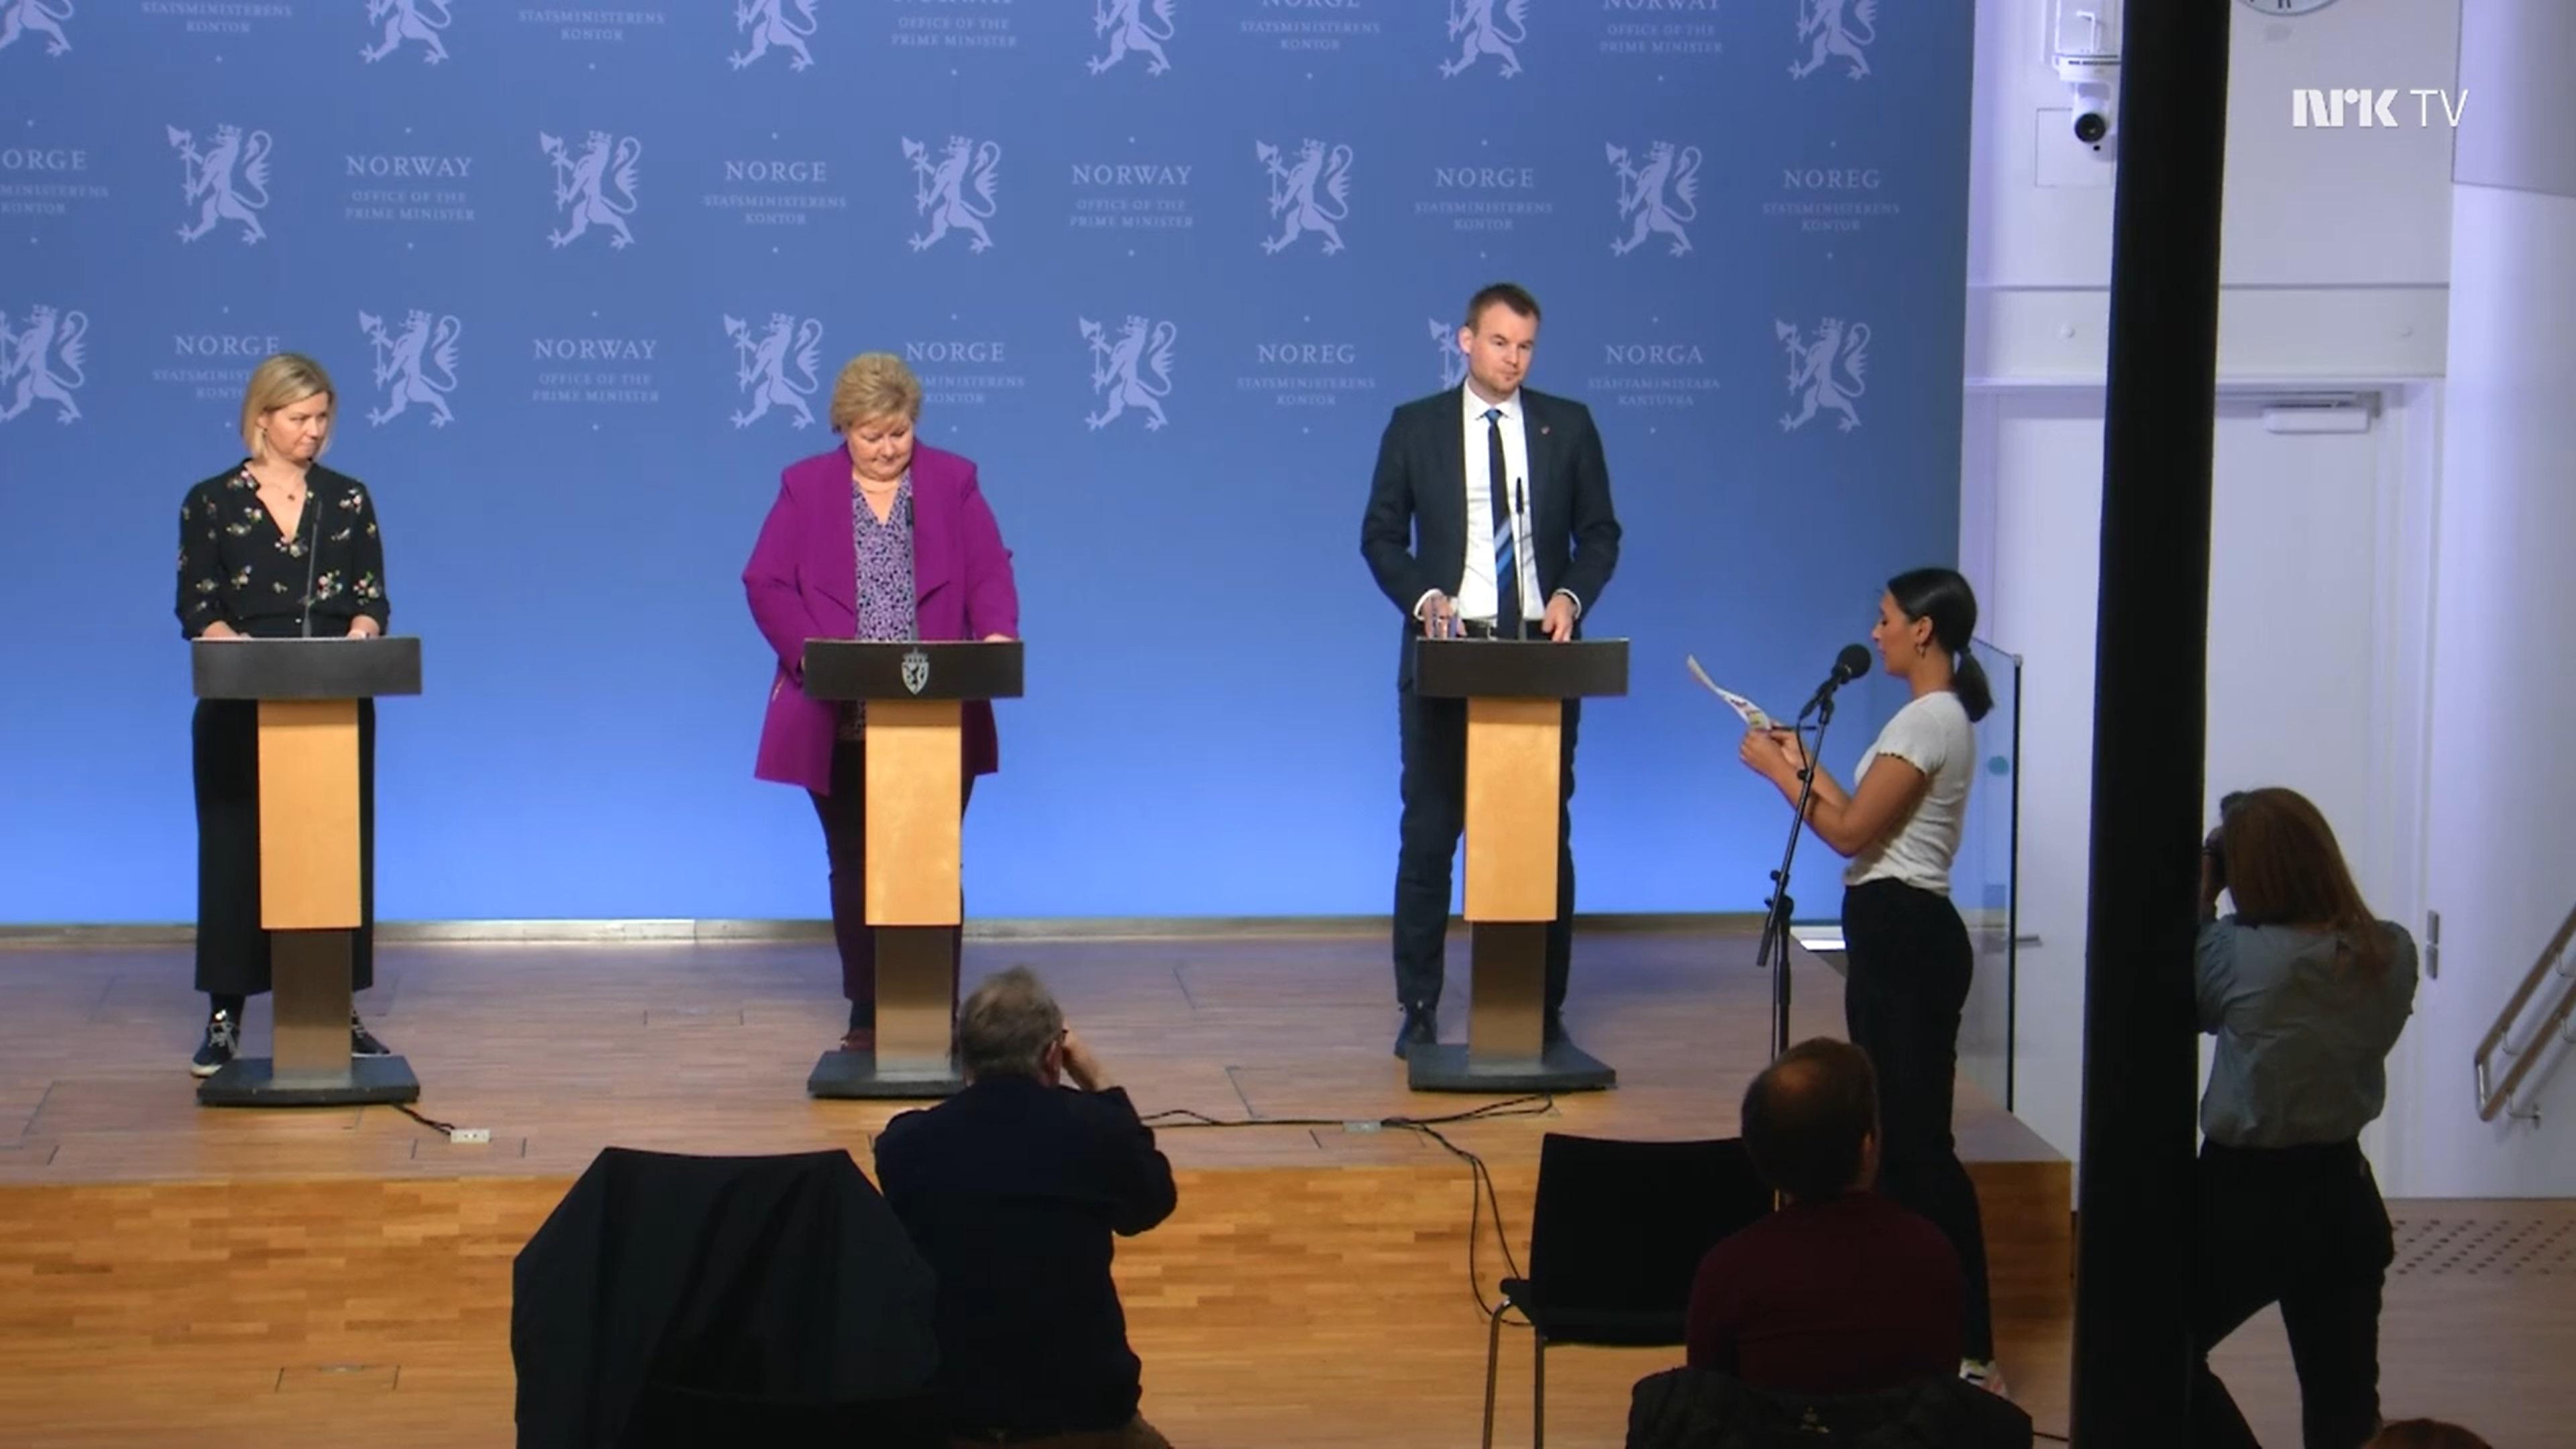 K premiérke v strede sa pripojila aj nórska ministerka vzdelávania Guri Melby a minister detí a rodiny Kjell Ingolf Ropstad.